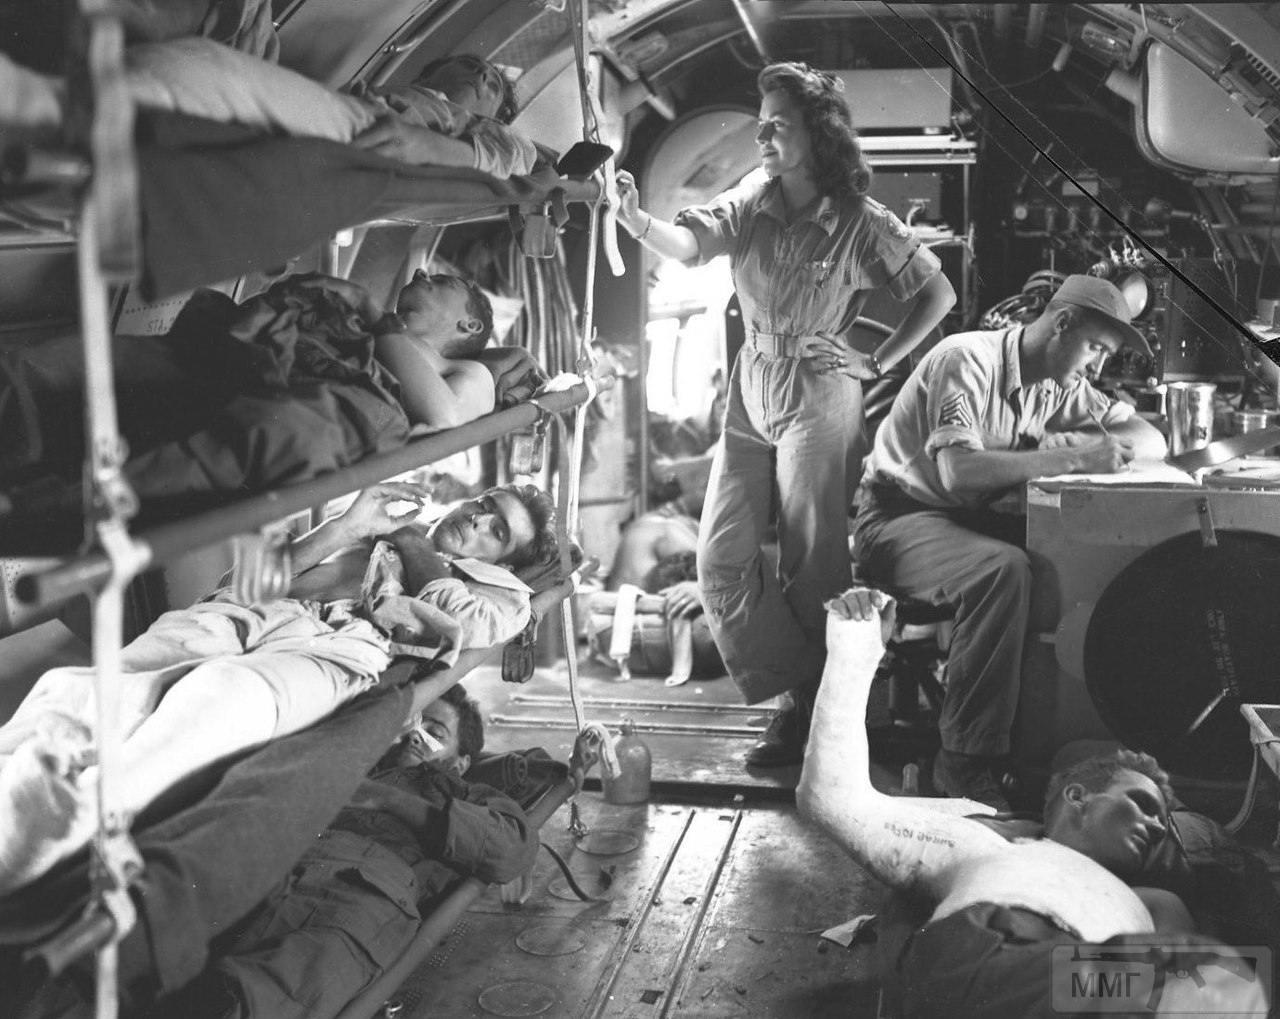 14226 - Военное фото 1941-1945 г.г. Тихий океан.